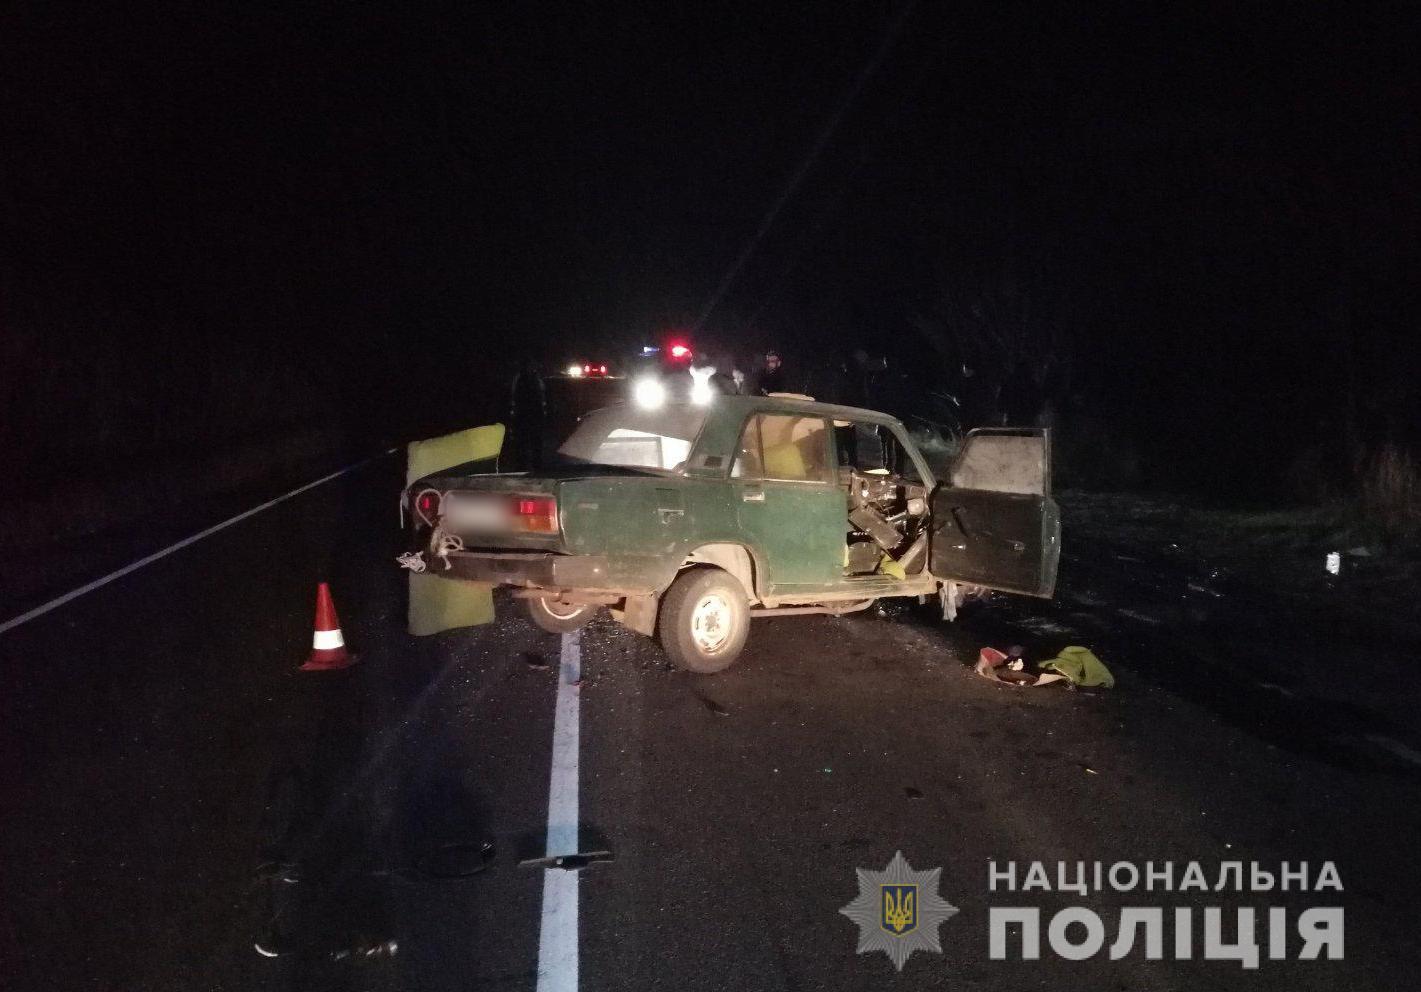 Под Харьковом в лобовом столкновении авто погиб пьяный водитель (фото)